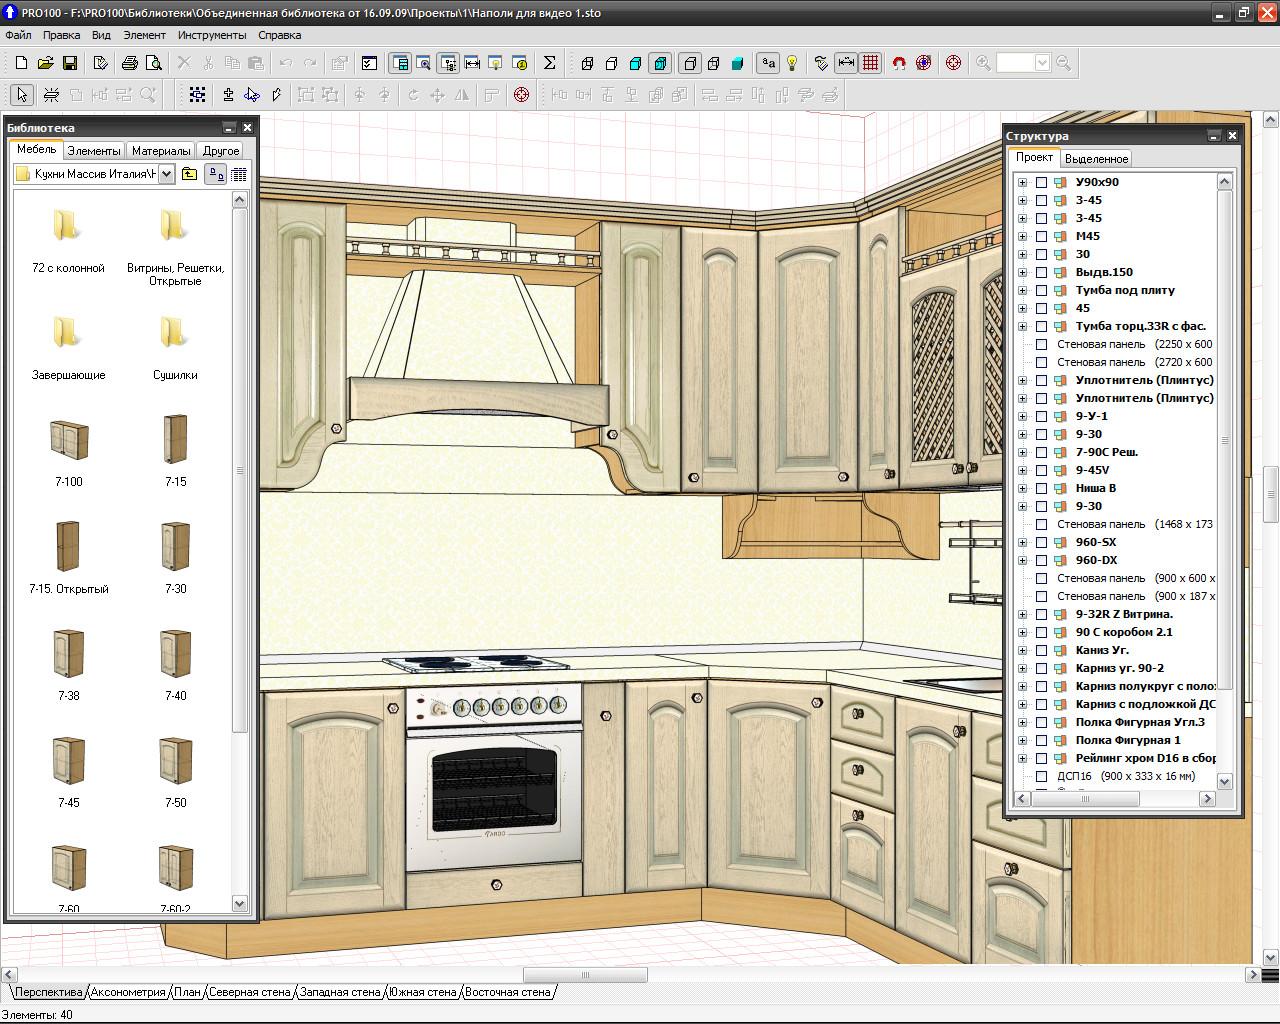 Программа для дизайна кухонь скачать бесплатно ntfs скачать программу бесплатно